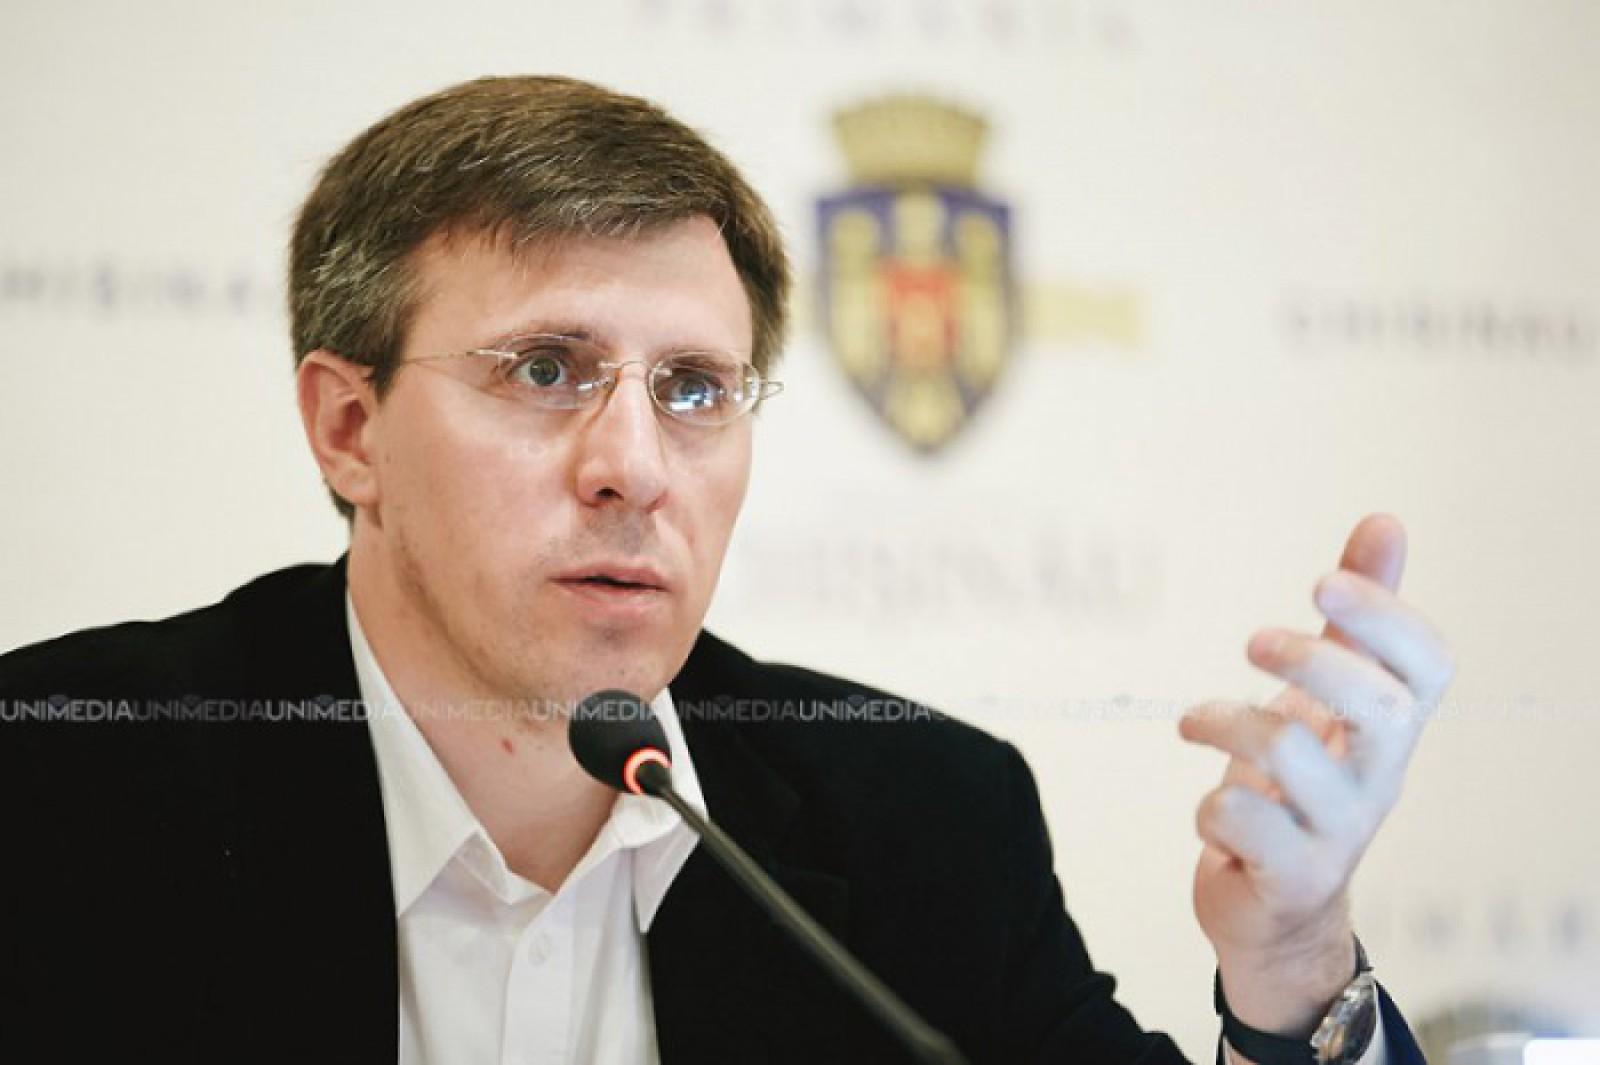 """Reacția lui Dorin Chirtoacă: """"Votul din Chișinău trebuie apărat, prin toate mijloacele democratice de la proteste până la nesupunere civică"""""""